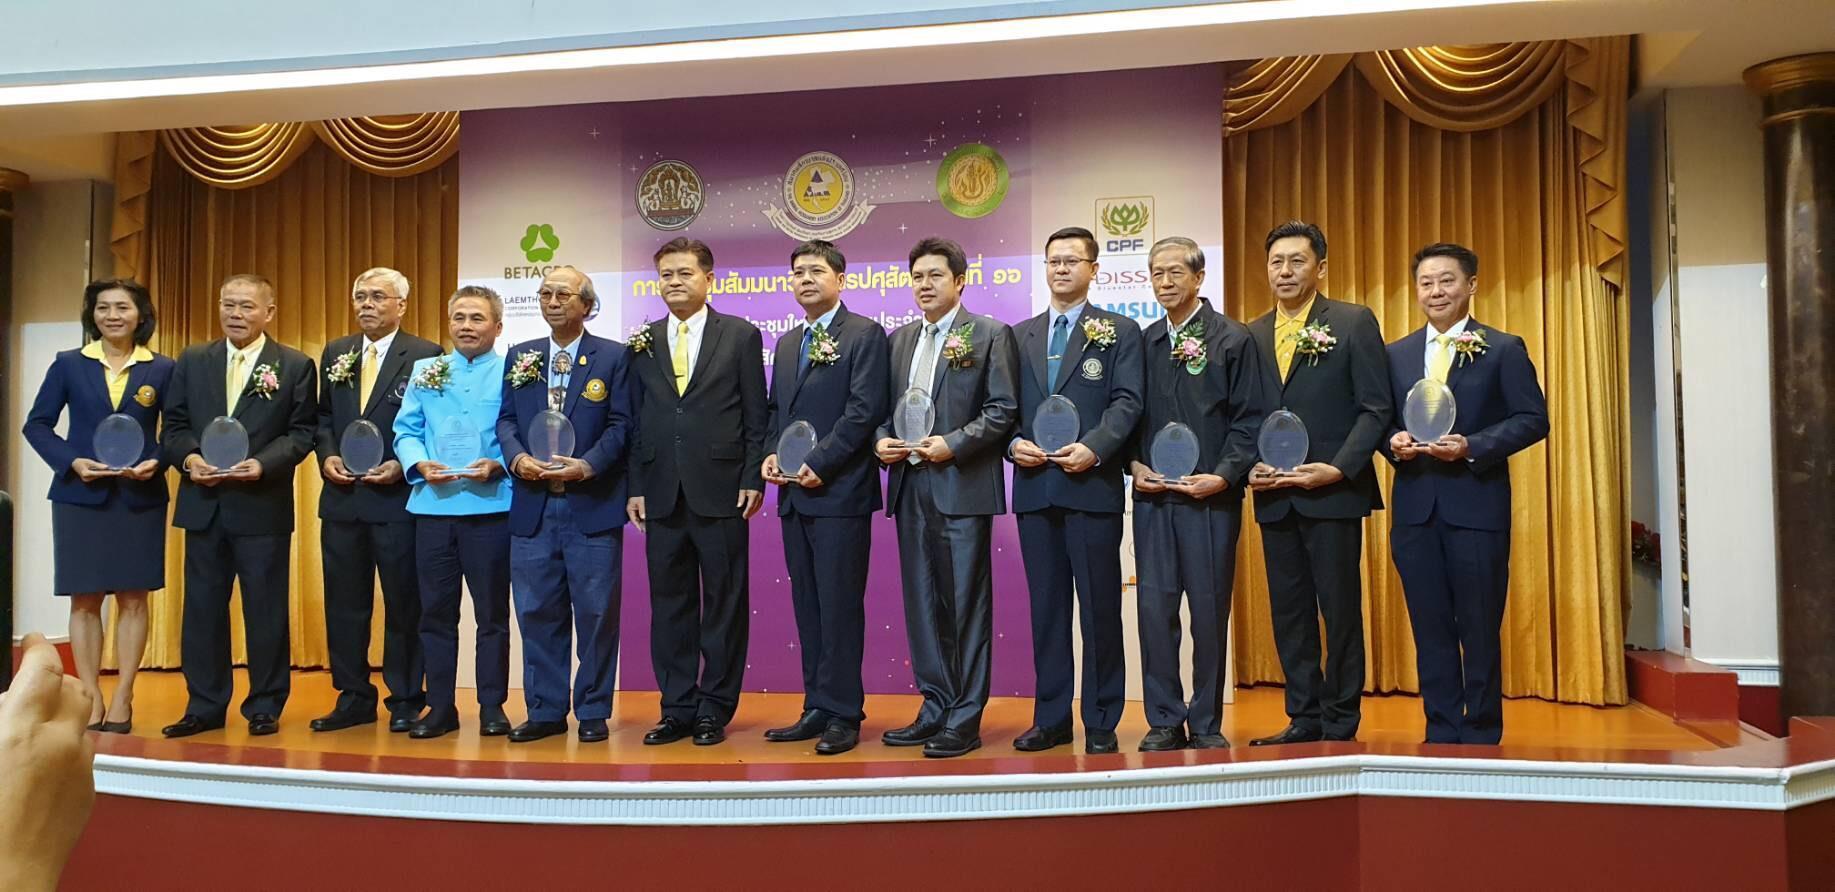 ขอแสดงความยินดีกับ,รศ.ดร.โชค,โสรัจกุล,ได้รับโล่รางวัลเชิดชูเกียรตินักสัตวบาลดีเด่น,ประจำปี,2562